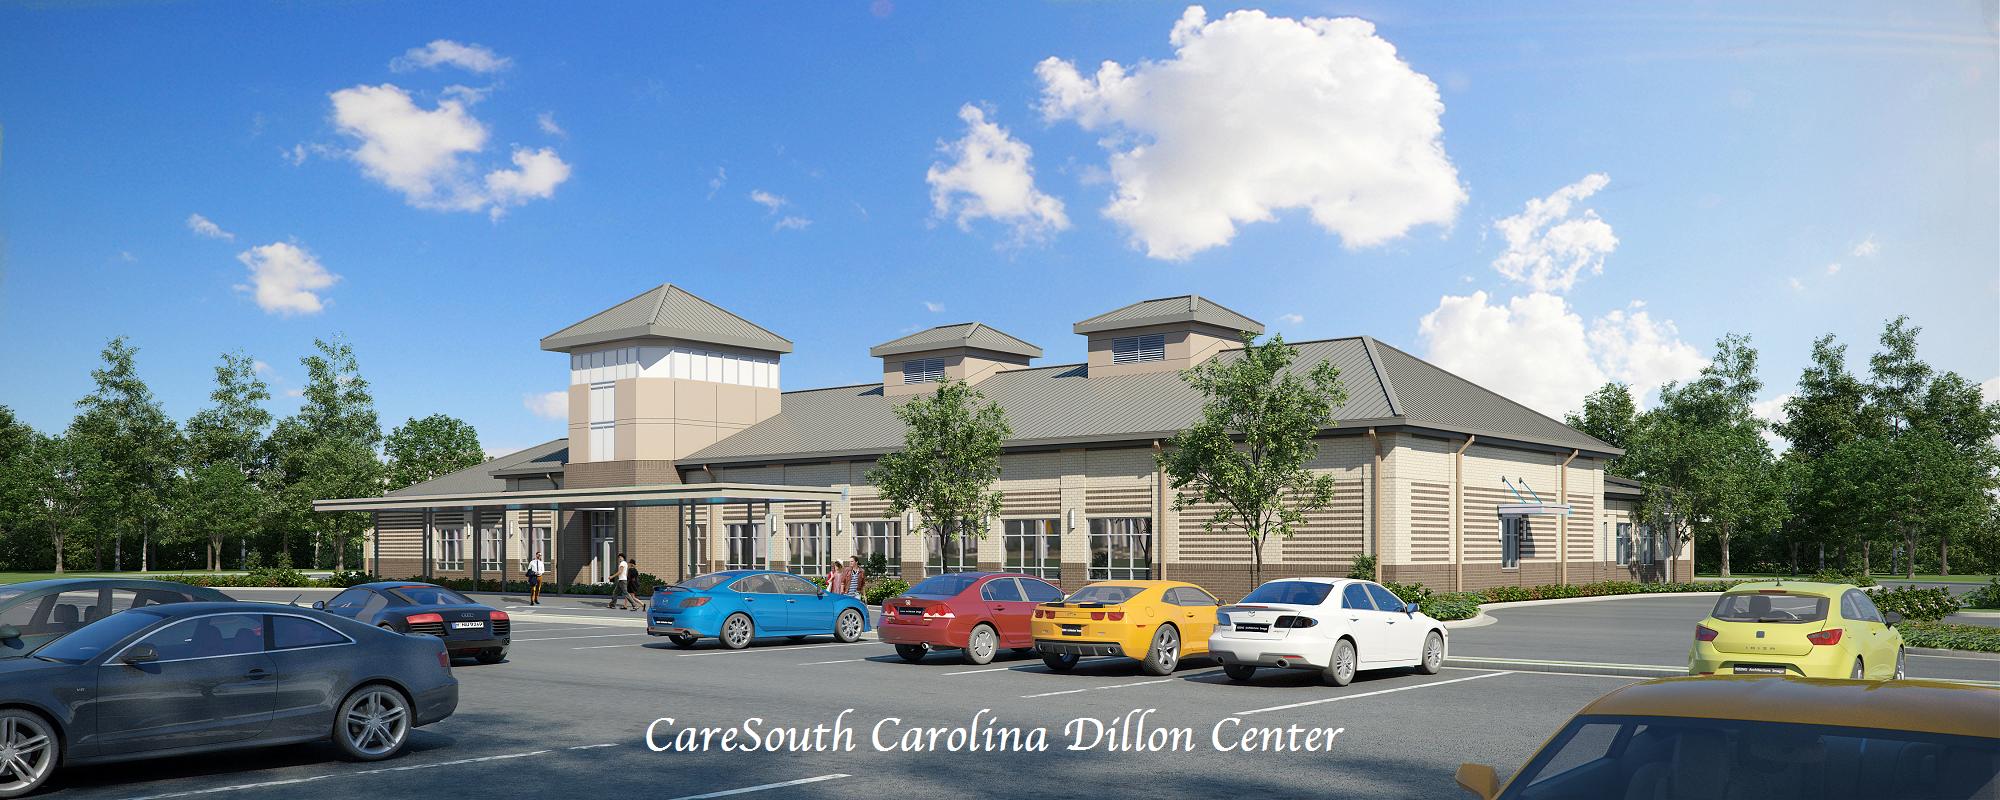 CareSouth Carolina Dillon Center